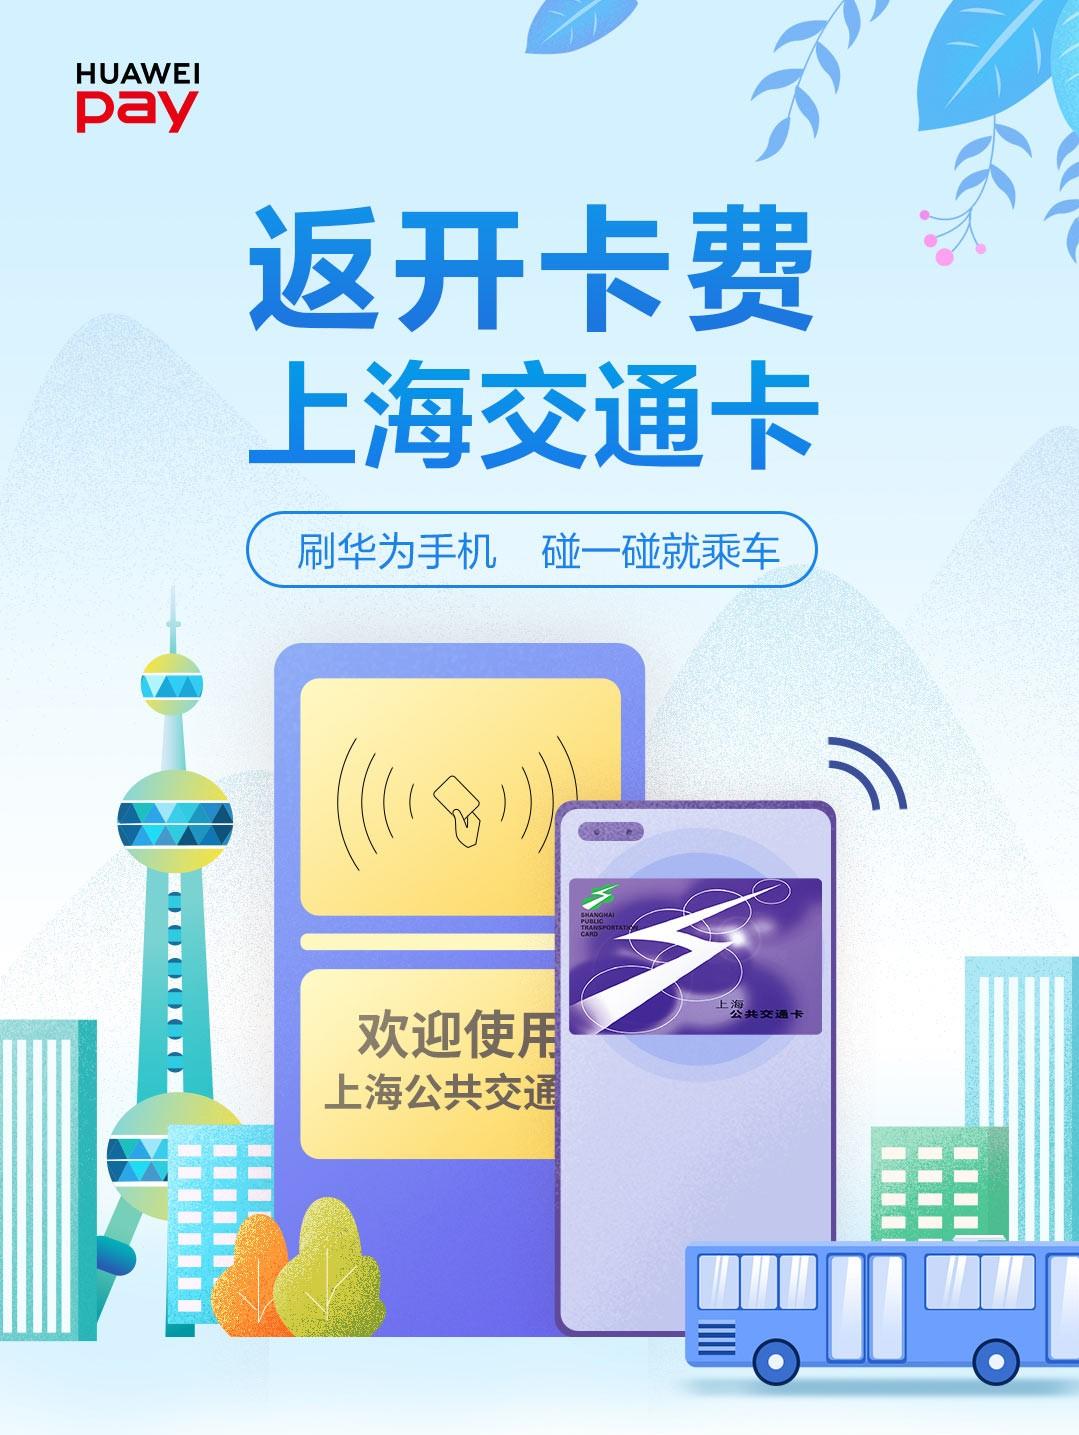 上海公共交通卡返开卡费活动.jpg